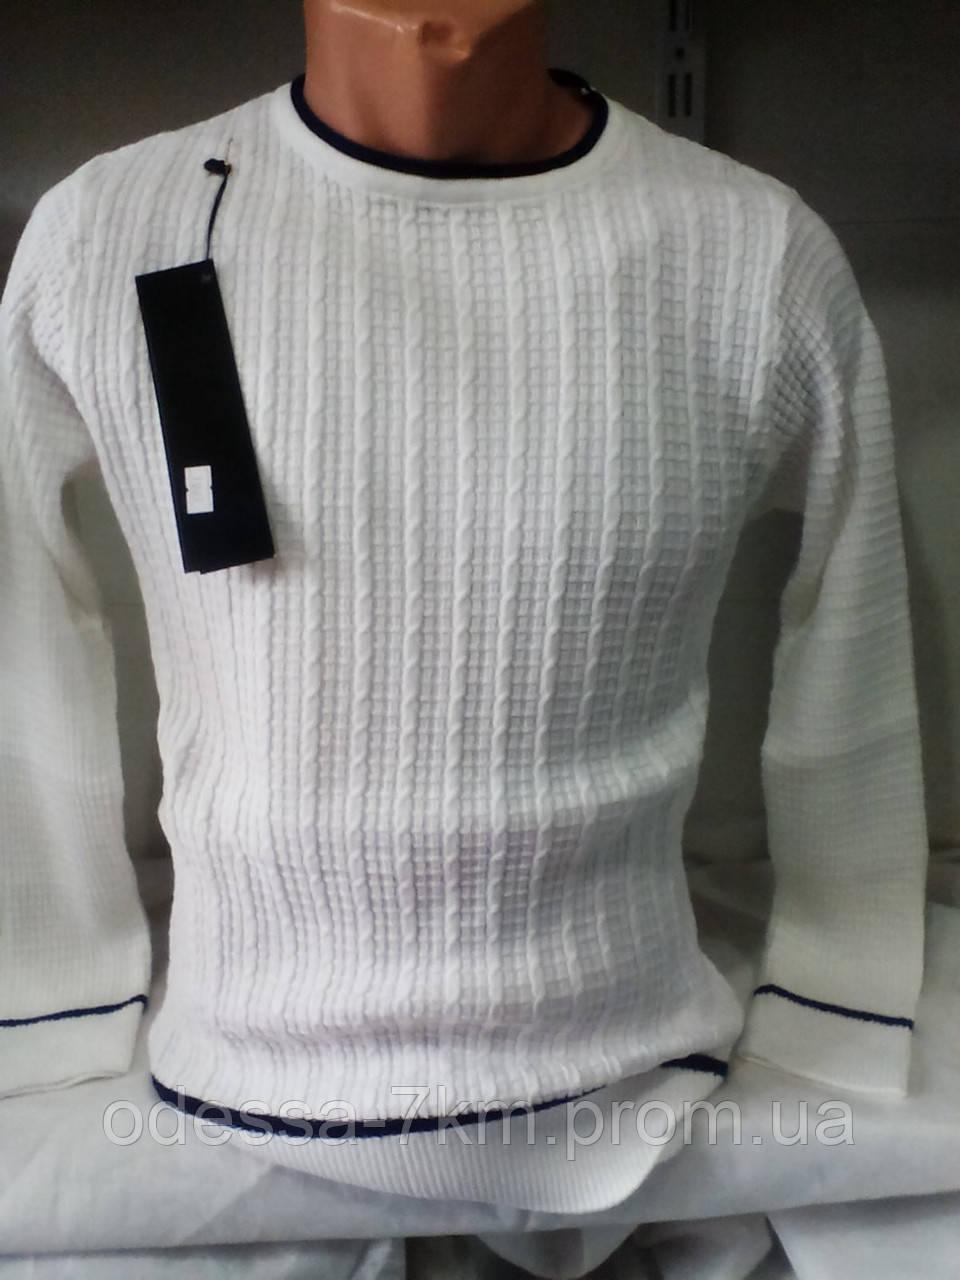 f6c8e8132586 Белый мужской джемпер 44-46 рр: продажа, цена в Одессе. свитеры и ...